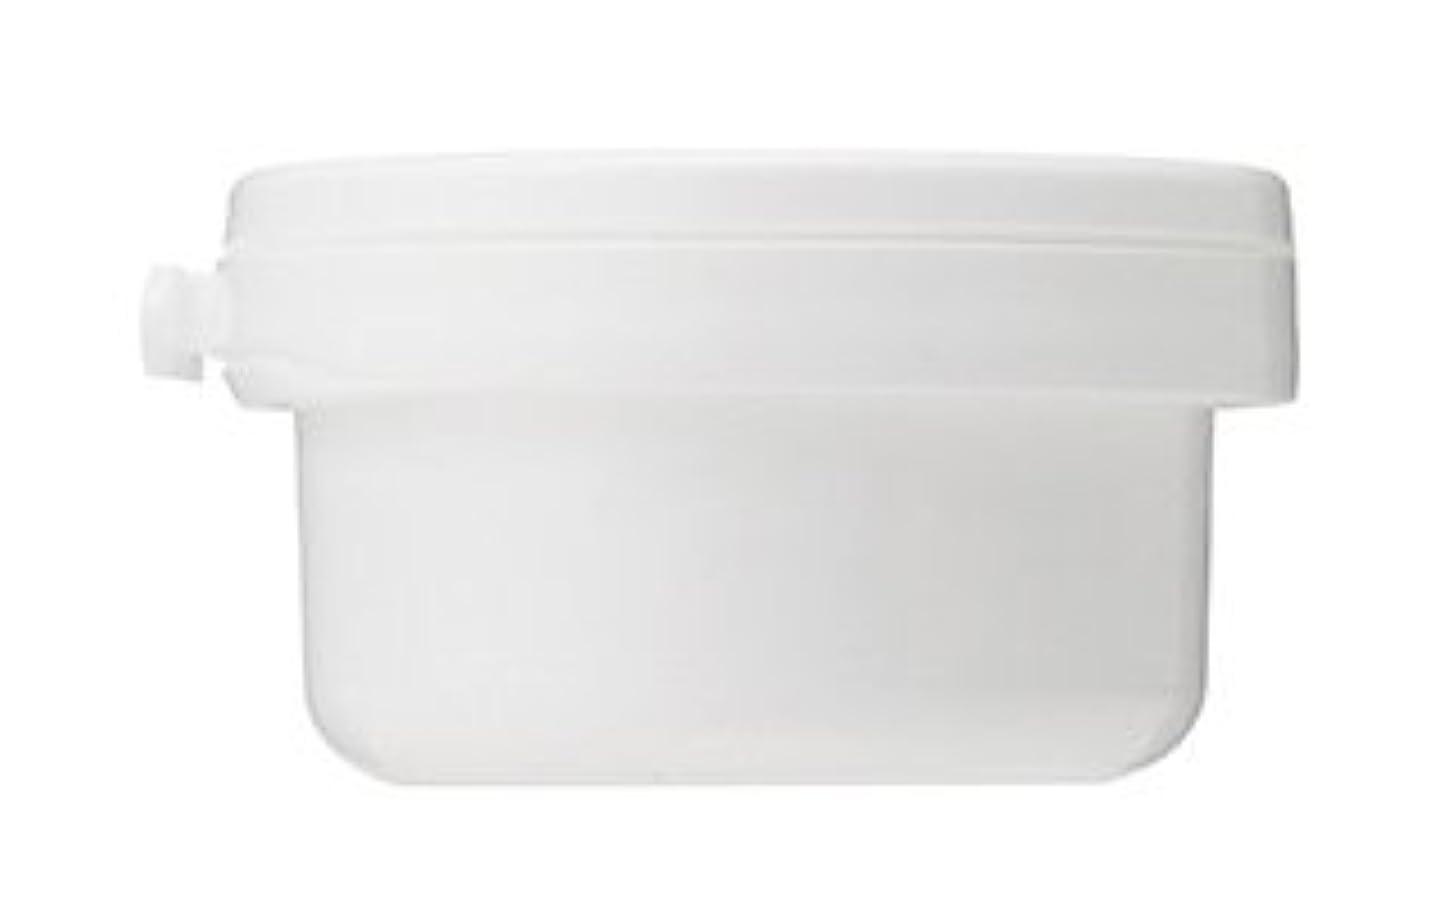 幅ベルベット稼ぐインナップEX 保湿クリーム詰め替え用 (潤い効果アップ) モイスチャークリーム MD レフィル [弱酸性]